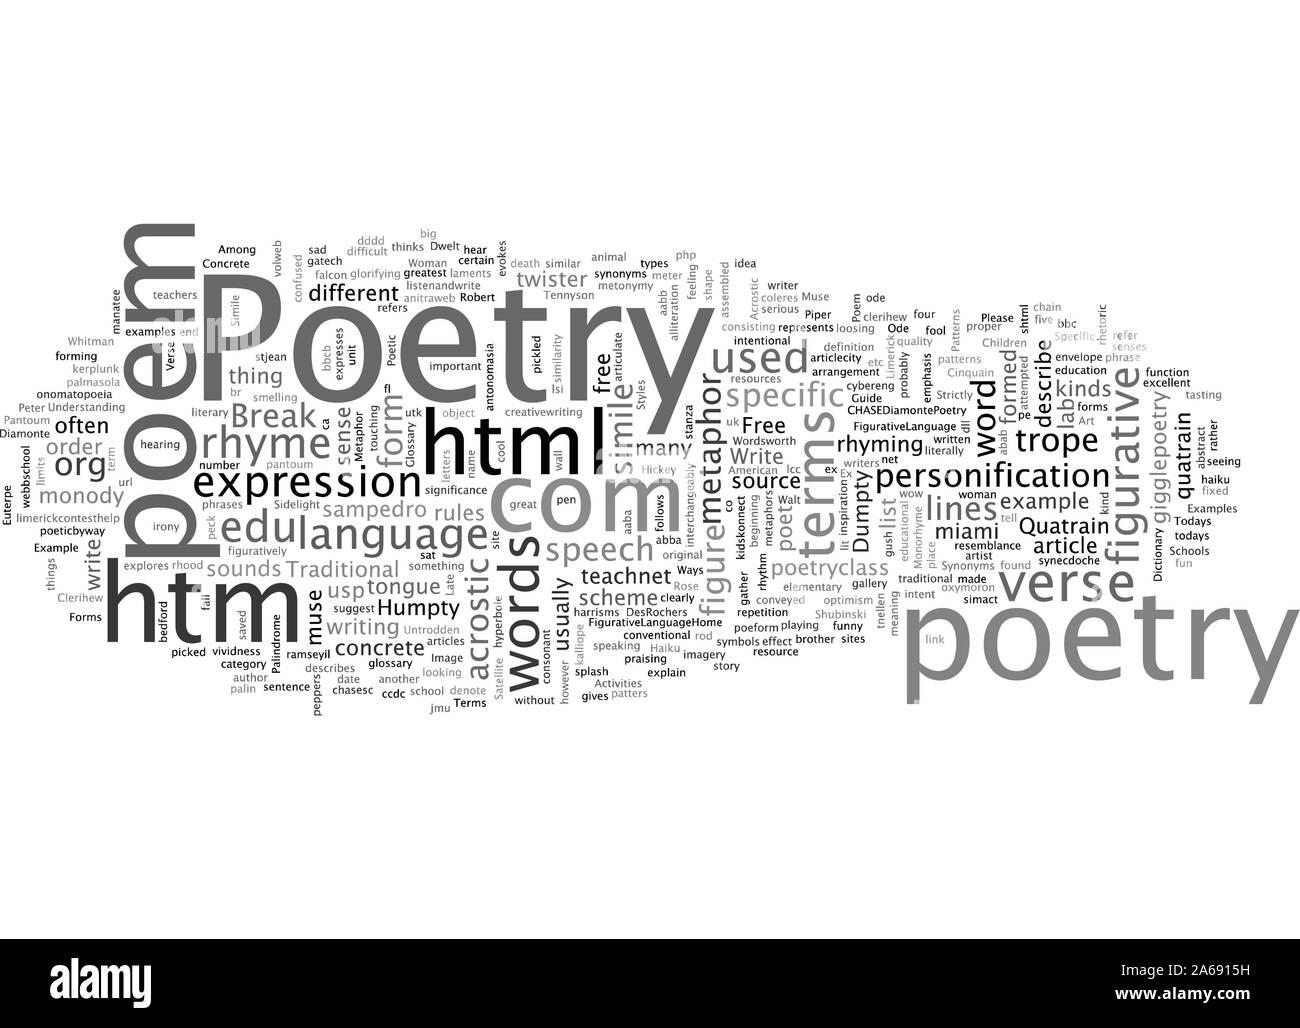 Un guide de styles de poésie Conditions Illustration de Vecteur